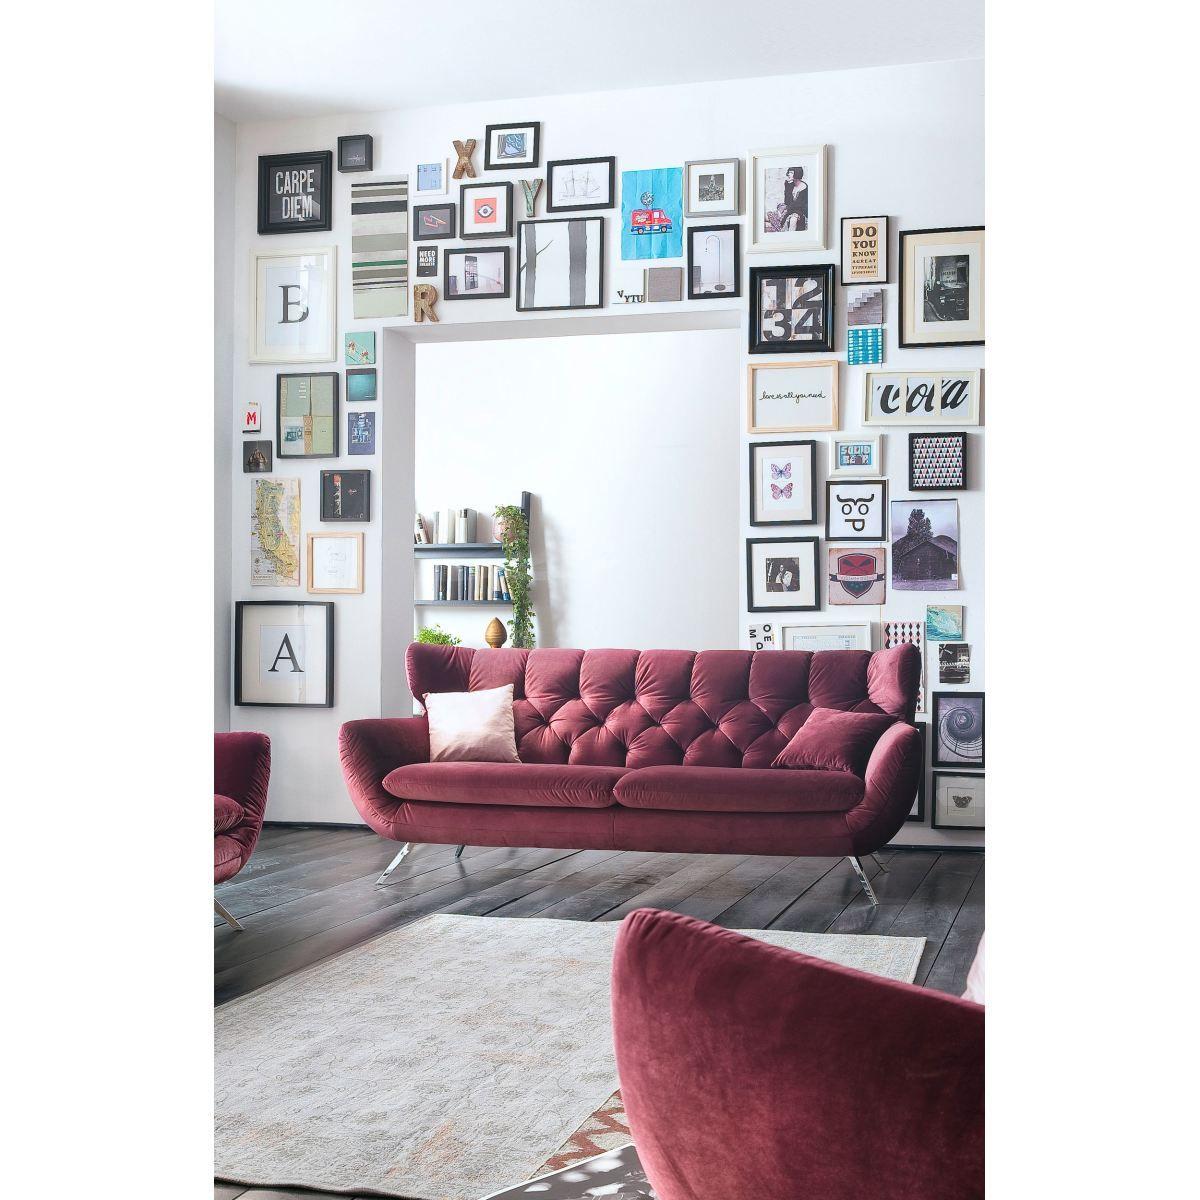 pin von pixa dora auf wohnen pinterest sofa rotes sofa und wohnzimmer. Black Bedroom Furniture Sets. Home Design Ideas